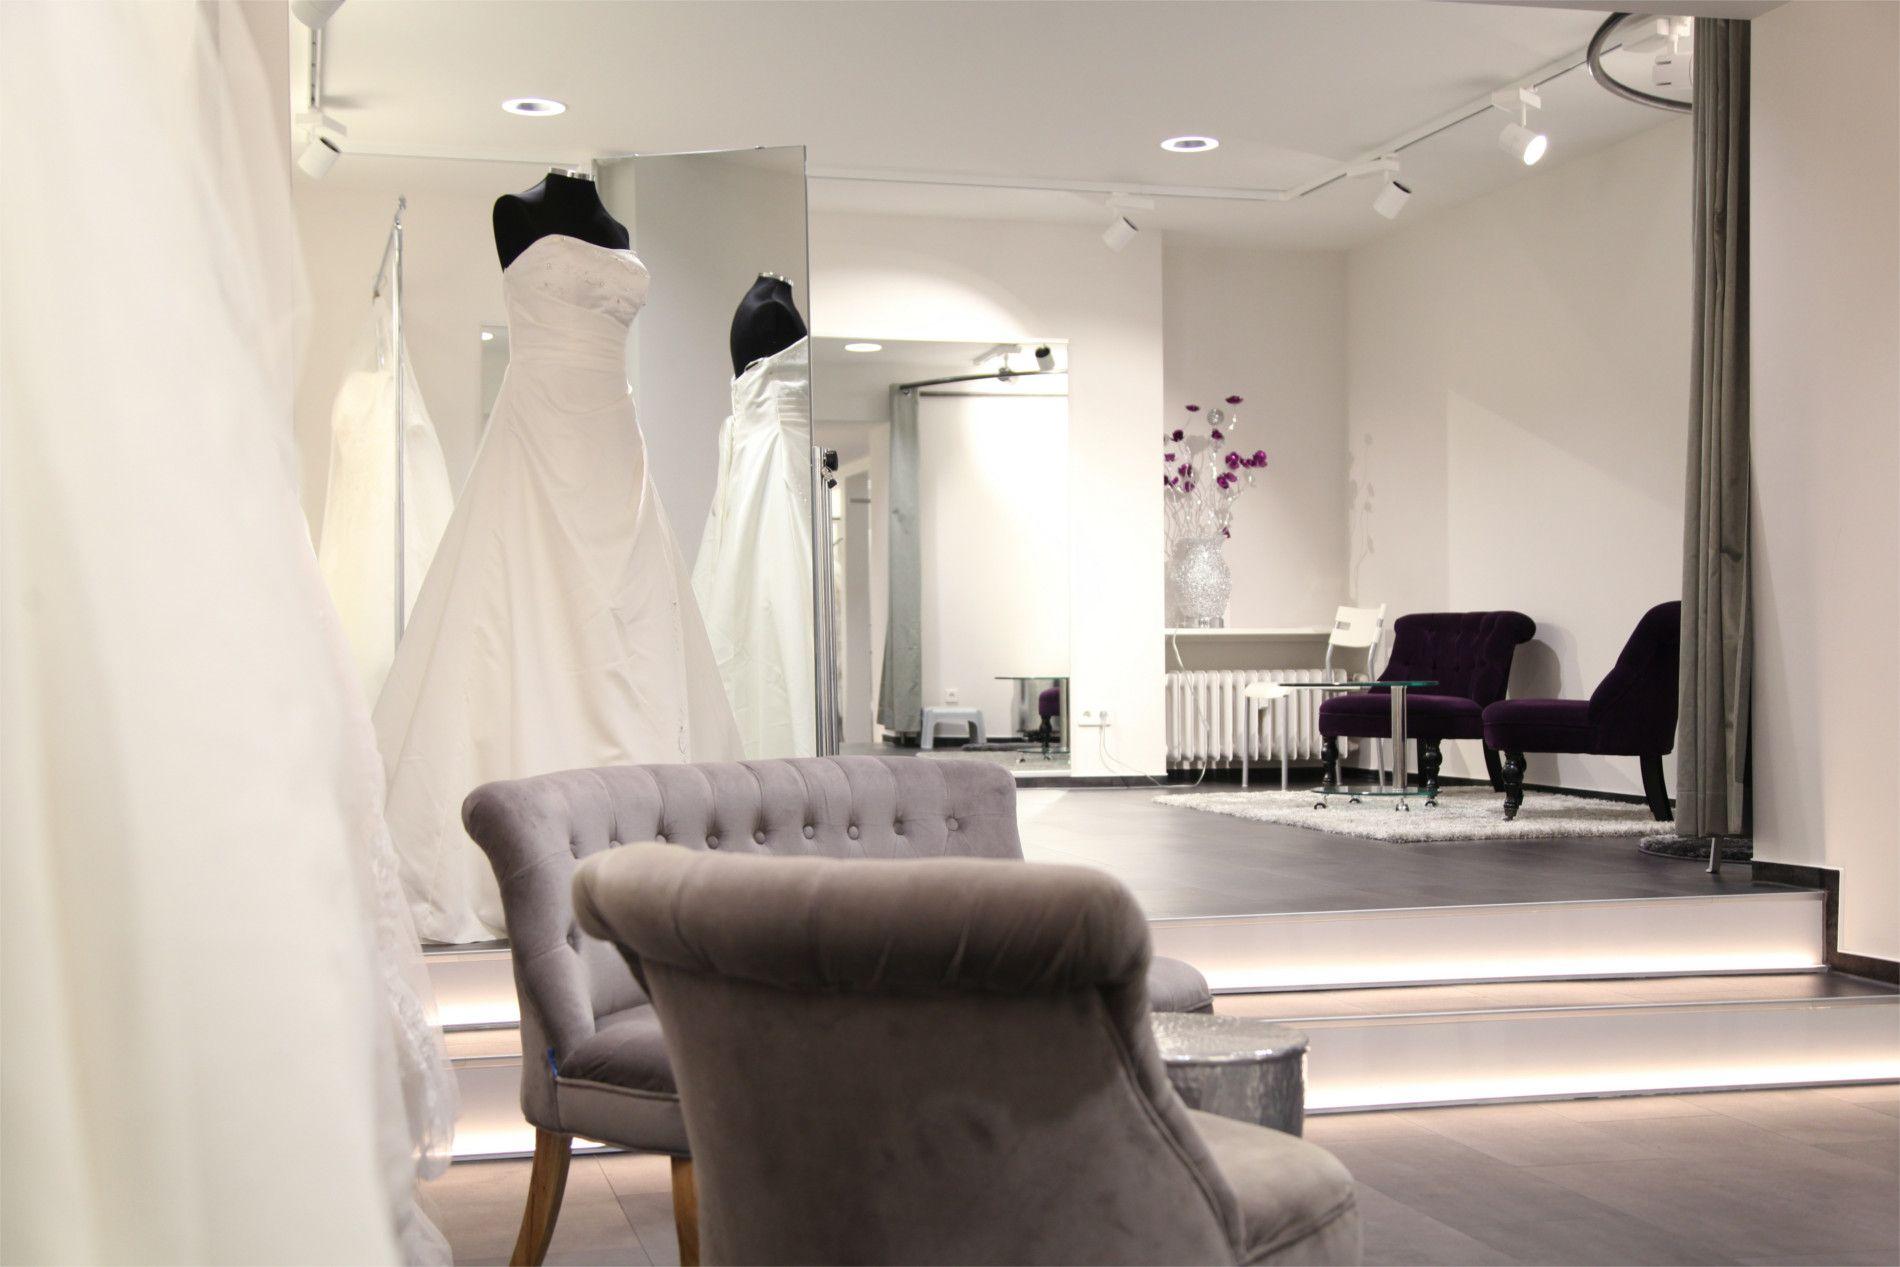 Brautmode Dolce Vita Lörrbach Innenraum mit Sesseln und Spiegeln